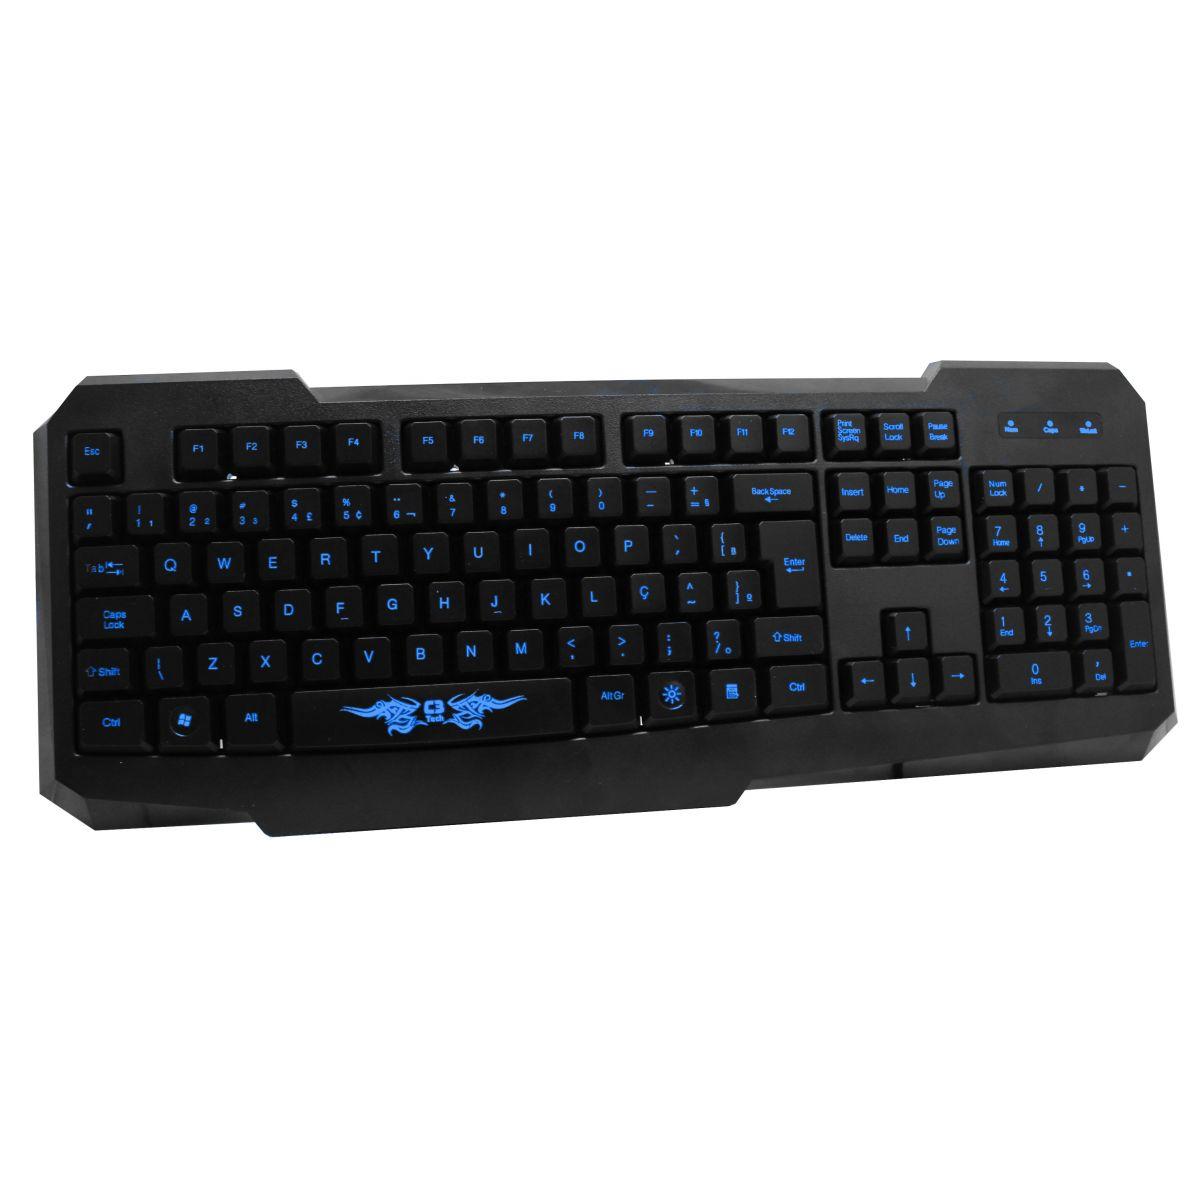 Teclado Gamer Iluminado KG-02L - C3 Tech Azul/Preto  - ShopNoroeste.com.br